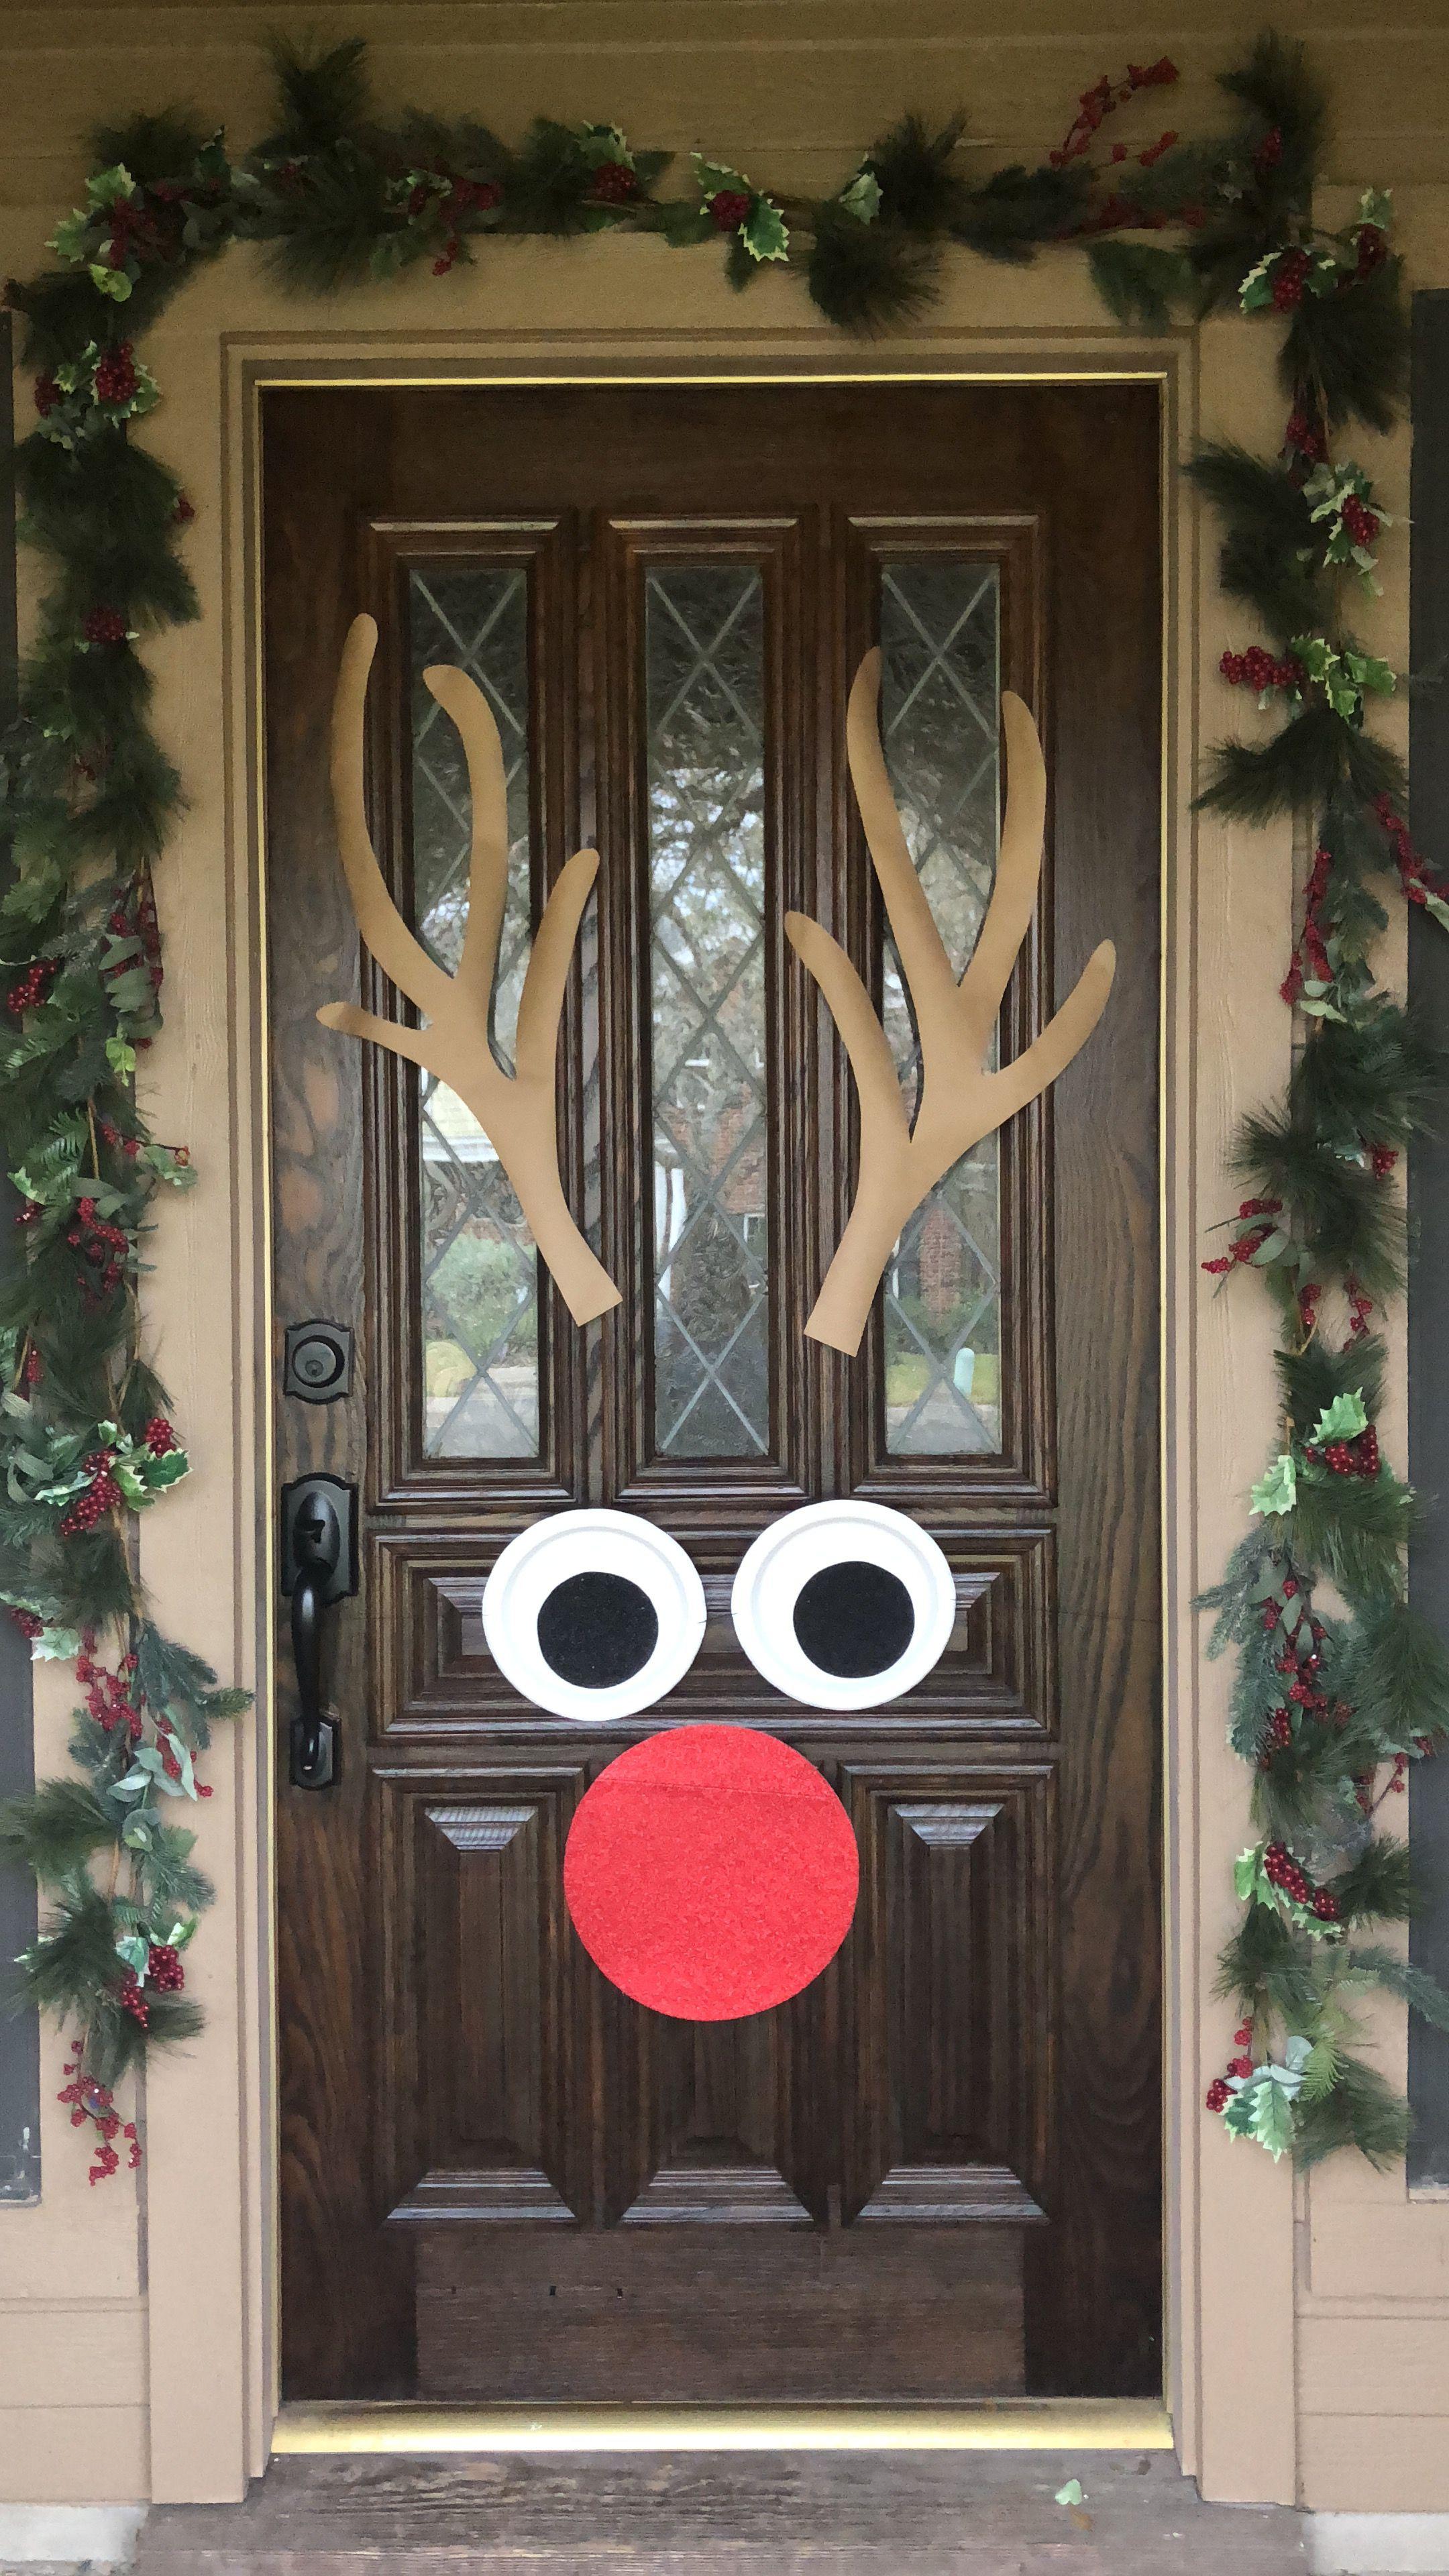 Reindeer door decor | Door decorations, Decor, Decorative ...